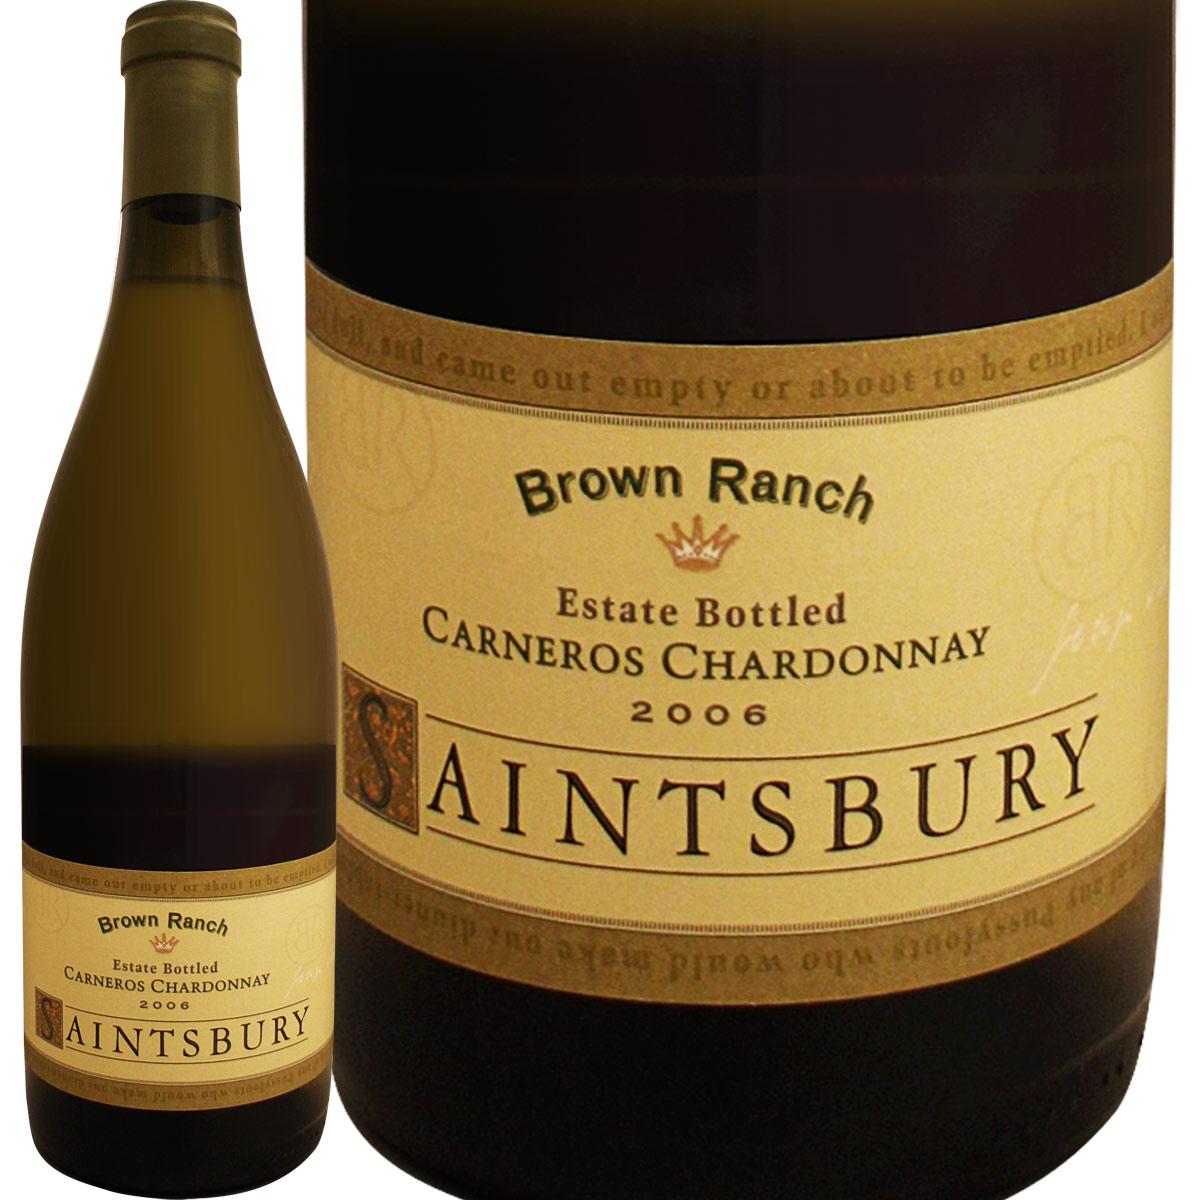 セインツベリー・ブラウンランチ・シャルドネ 2006<br><br>【アメリカ】【カリフォルニア】【ナパ・ヴァレー】【辛口】【古酒】【14年熟成】【白ワイン】【Saintsbury】